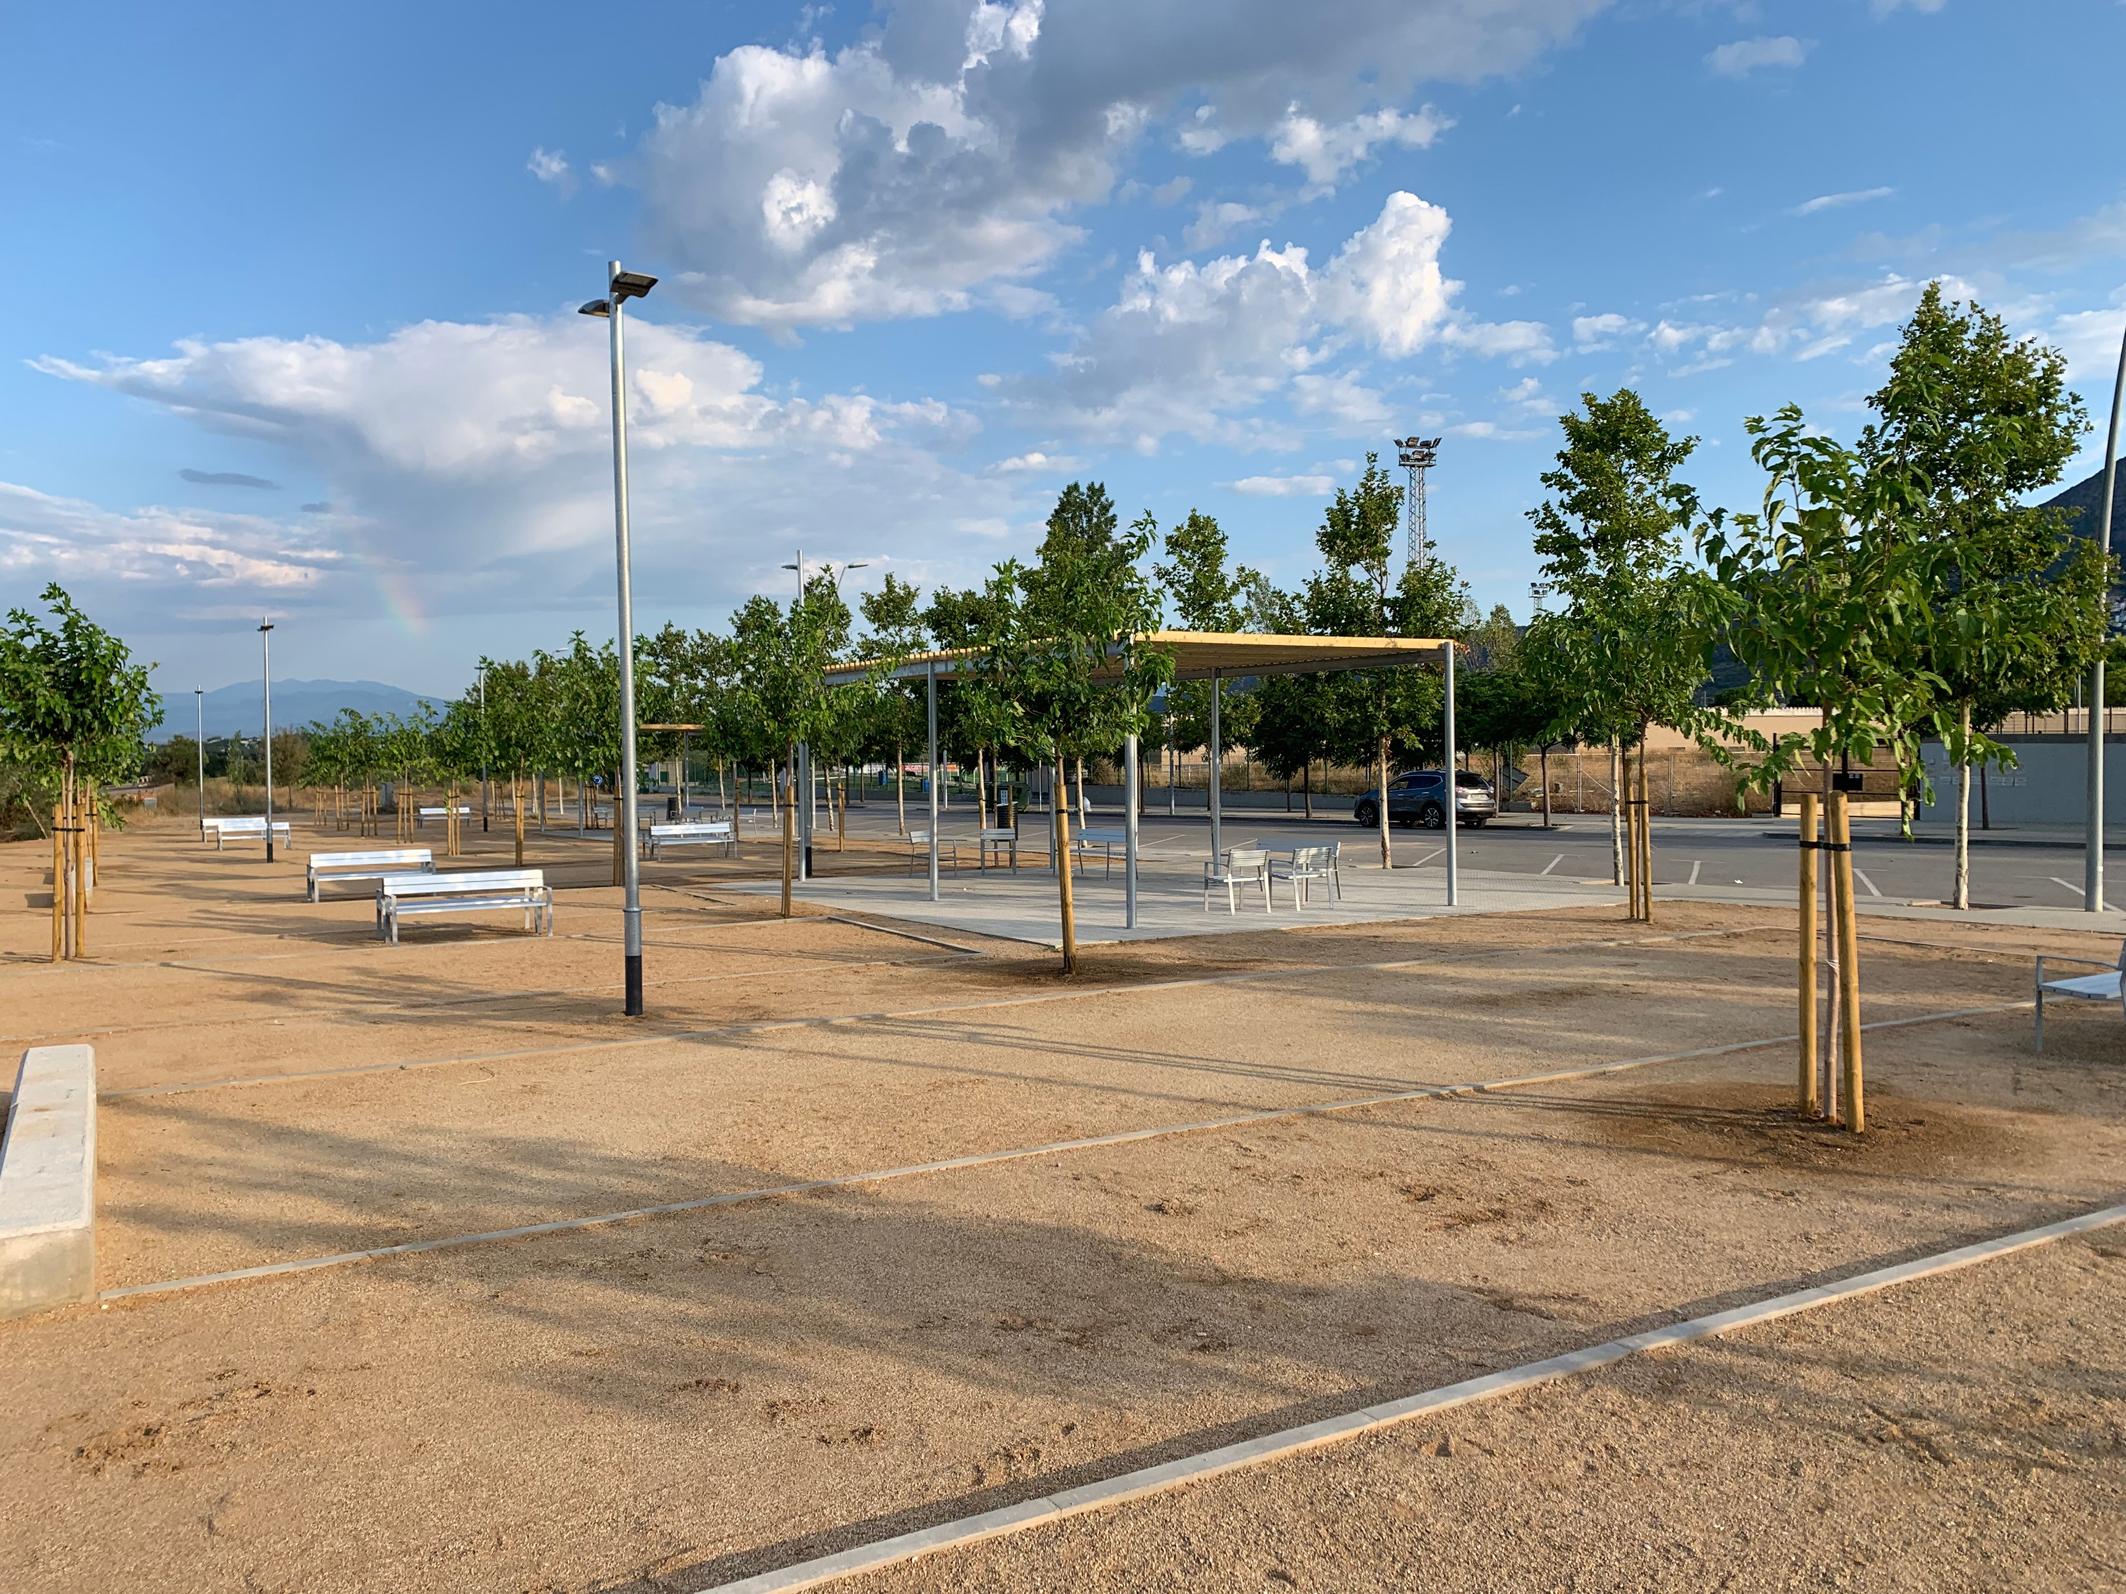 Roses ja disposa de noves pistes de petanca, bàsquet i patinatge